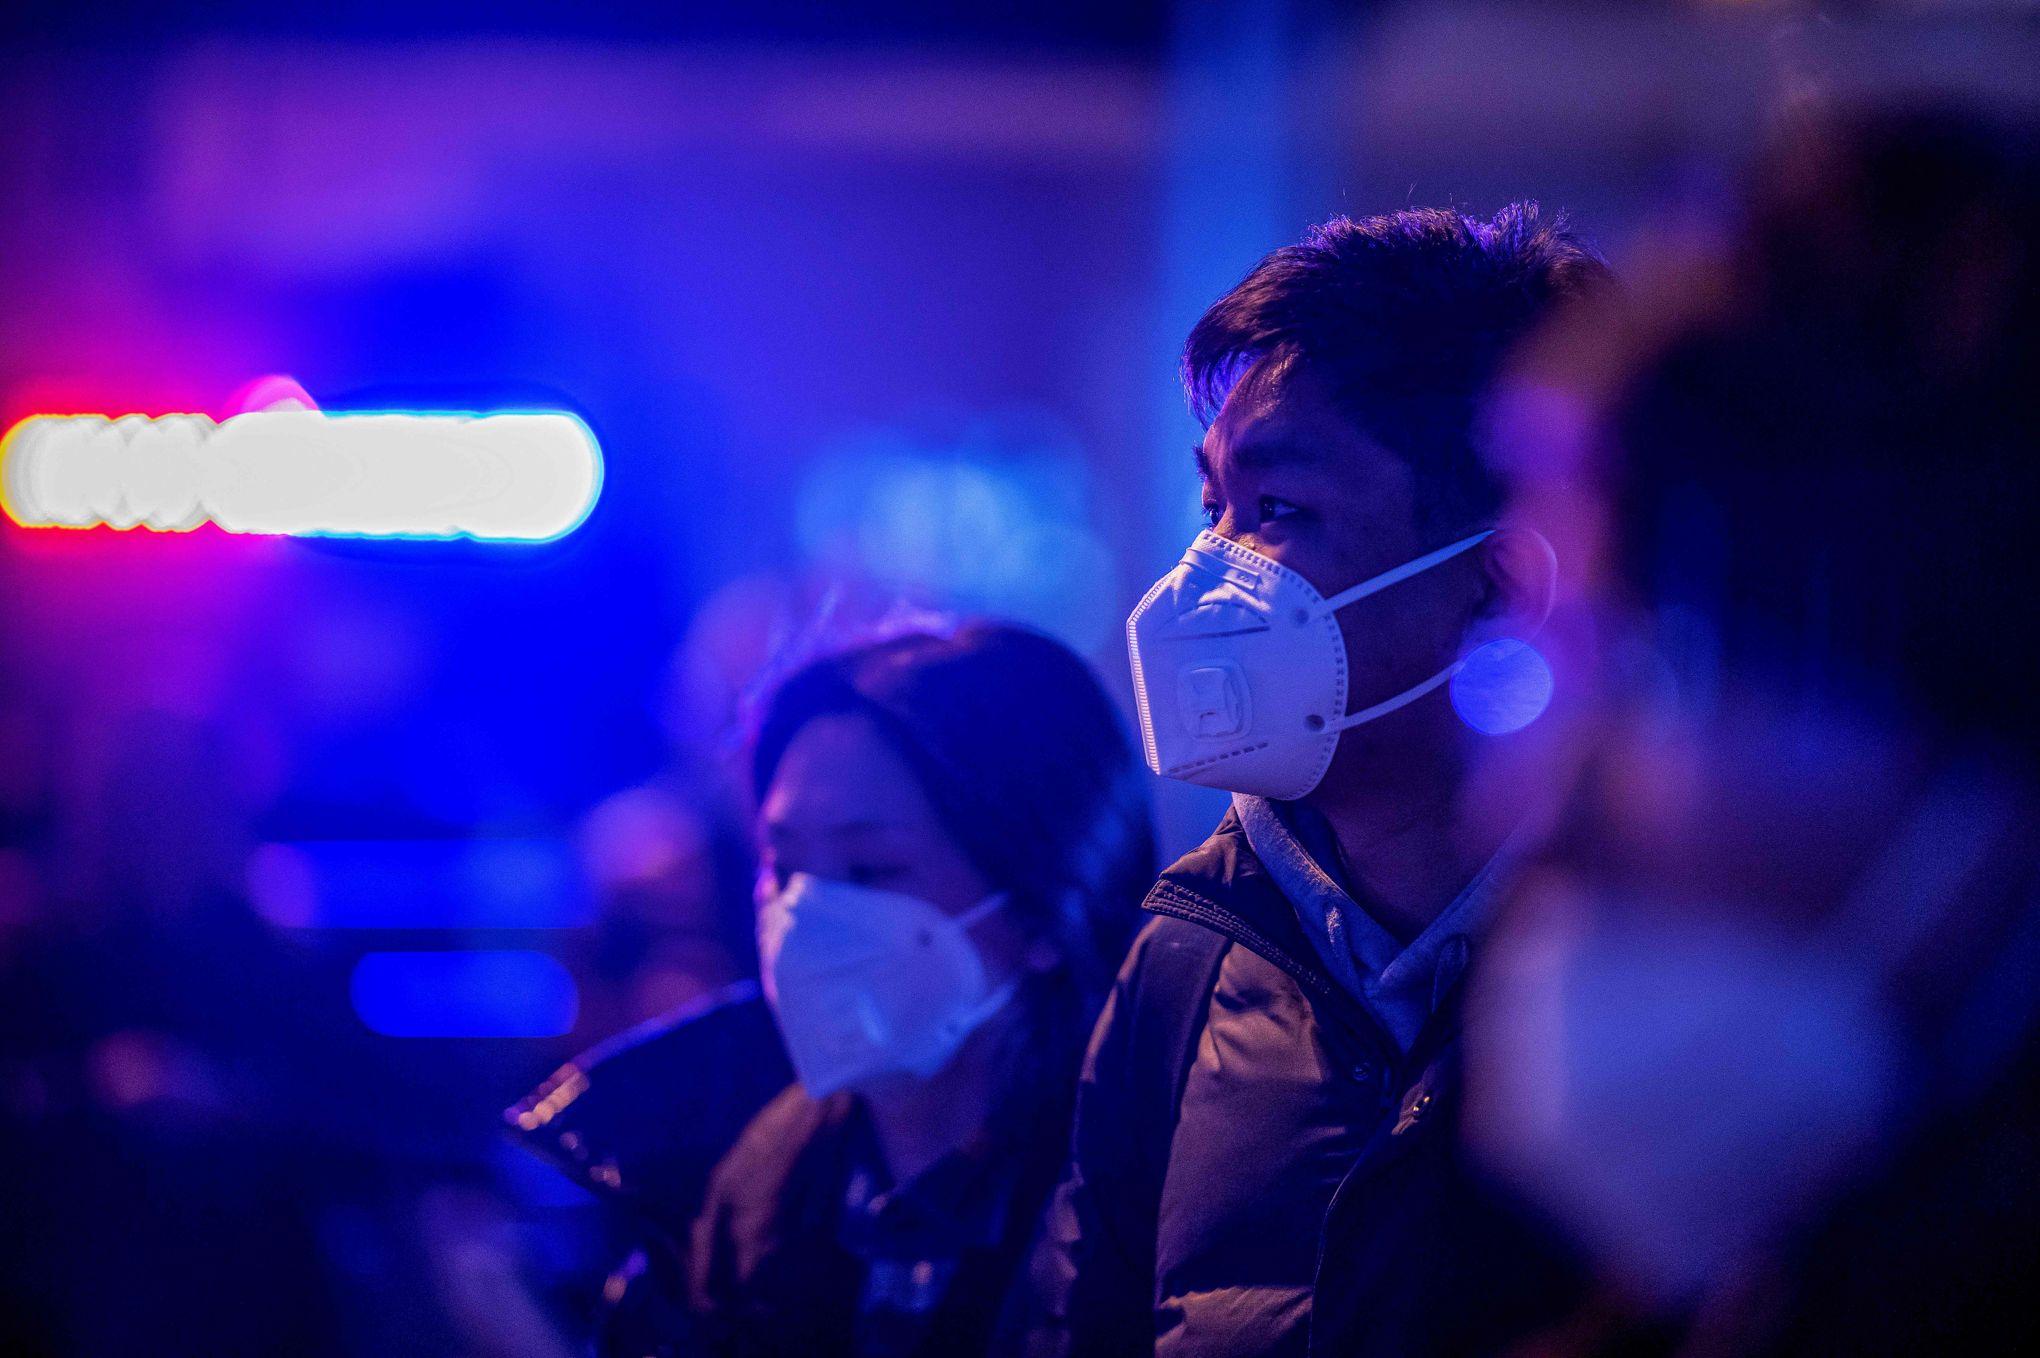 Épidémie en Chine: le bilan passe à 17 morts, l'OMS se réunit mercredi soir